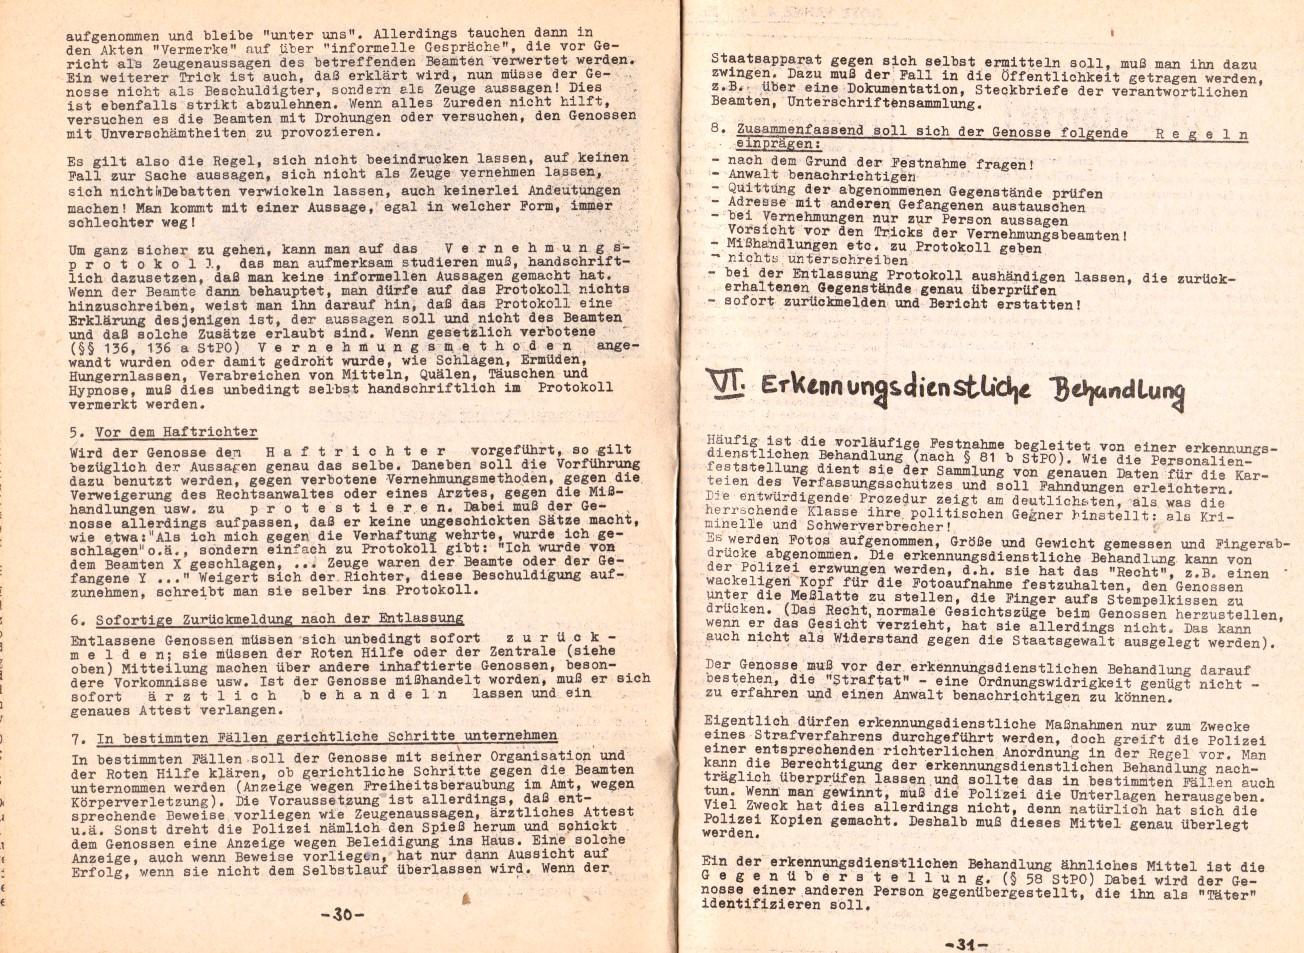 RHeV_1975_Wie_verteidige_ich_mich_17